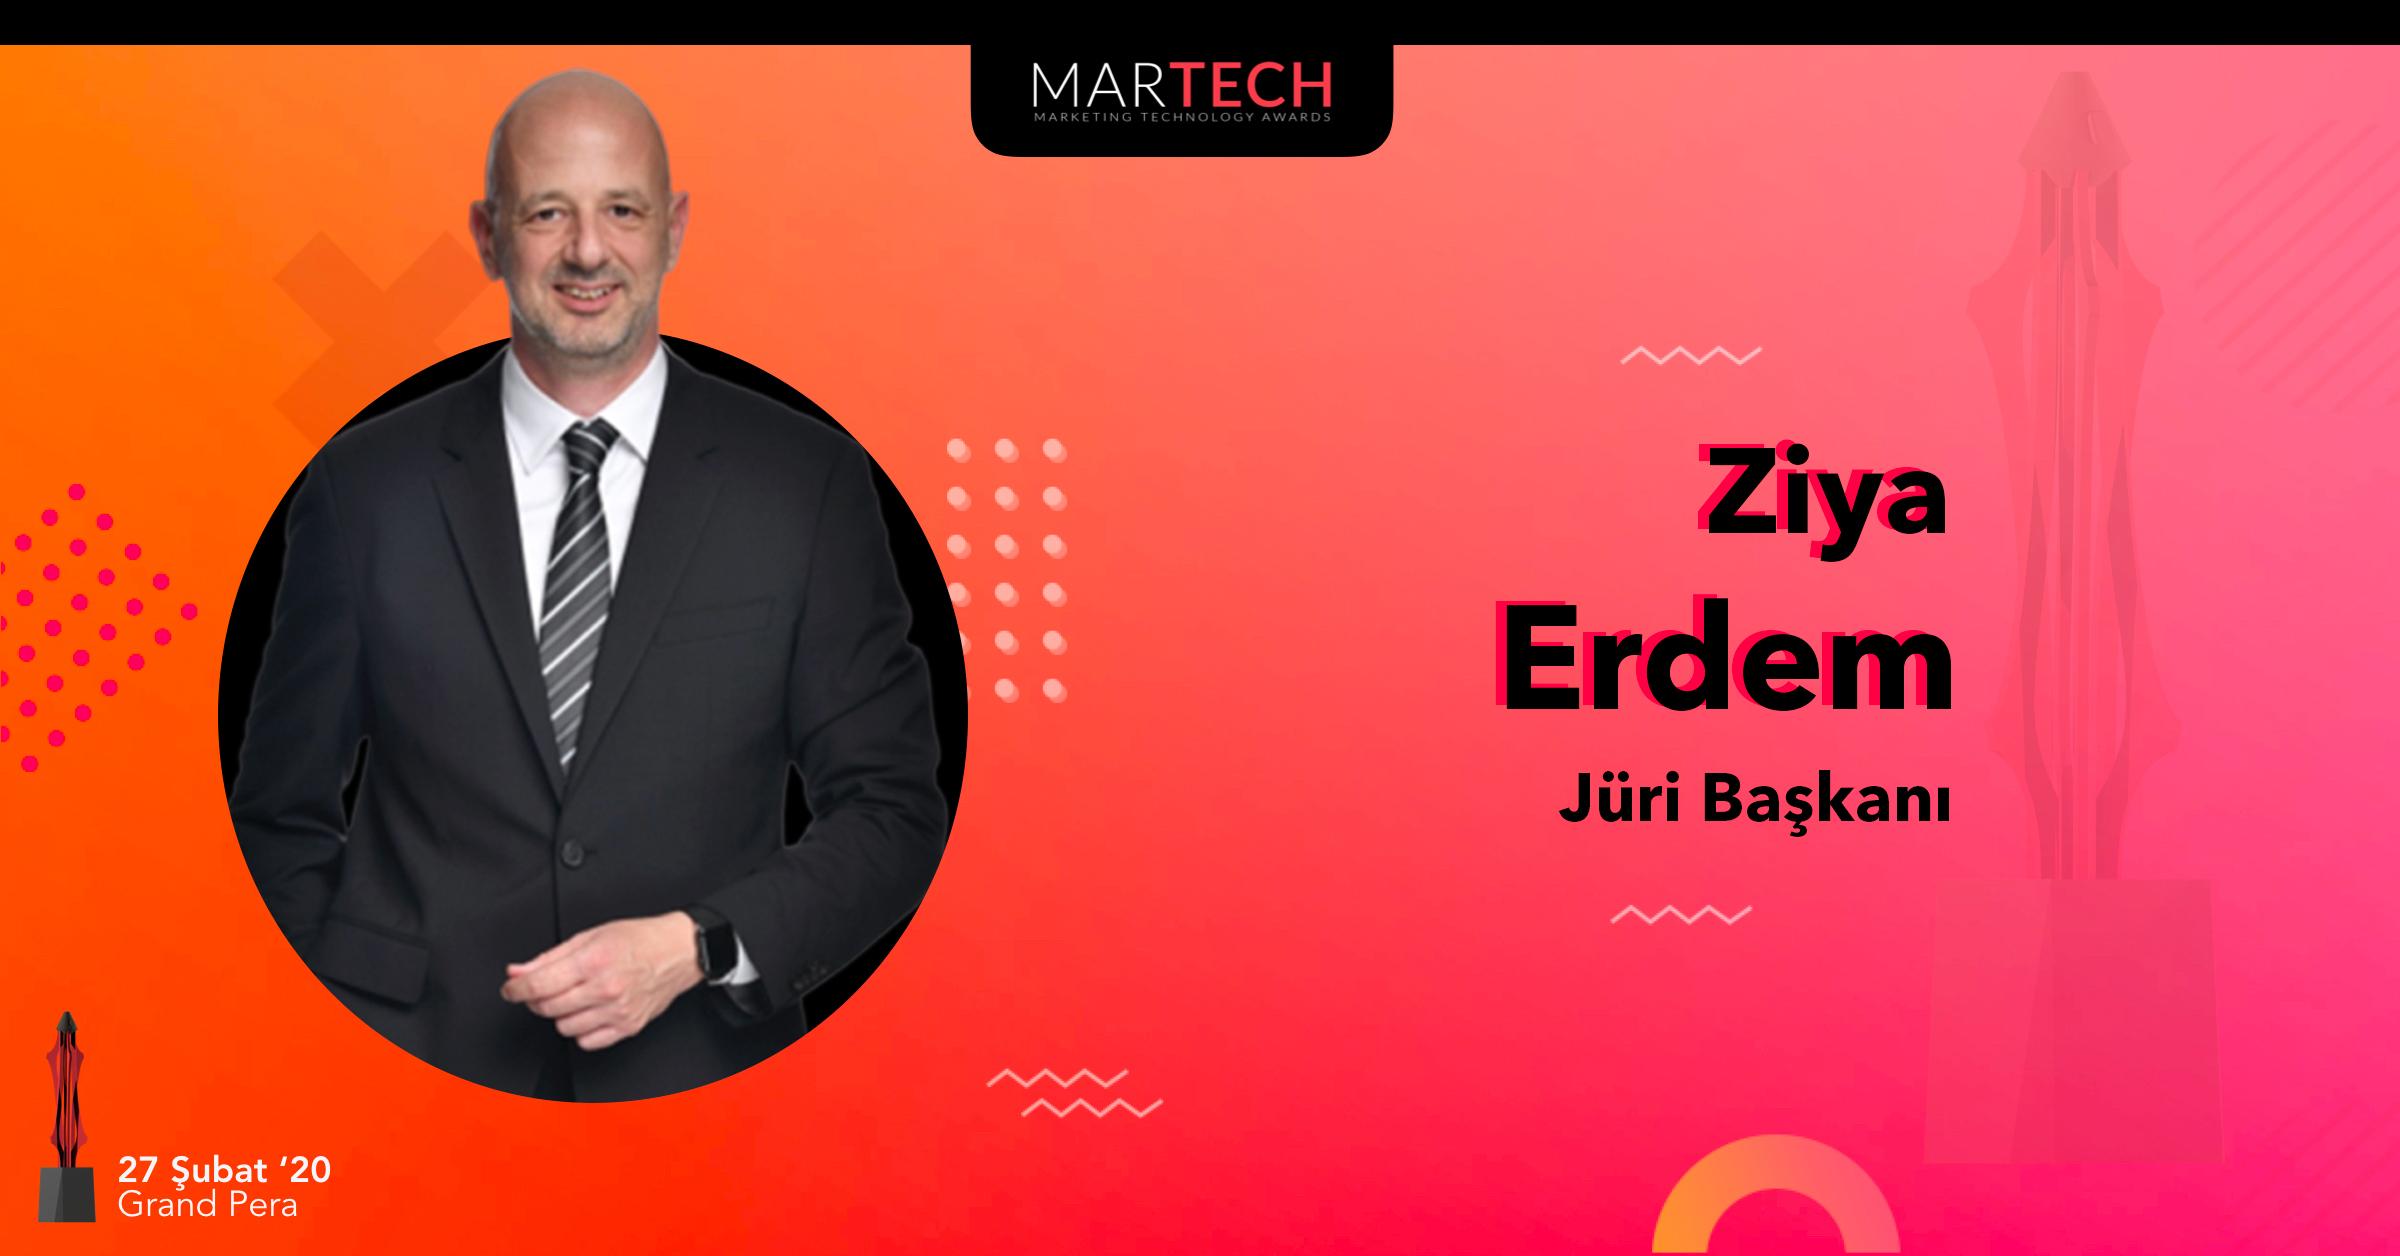 MarTech Awards 2020'nin Jüri Başkanı Belli Oldu